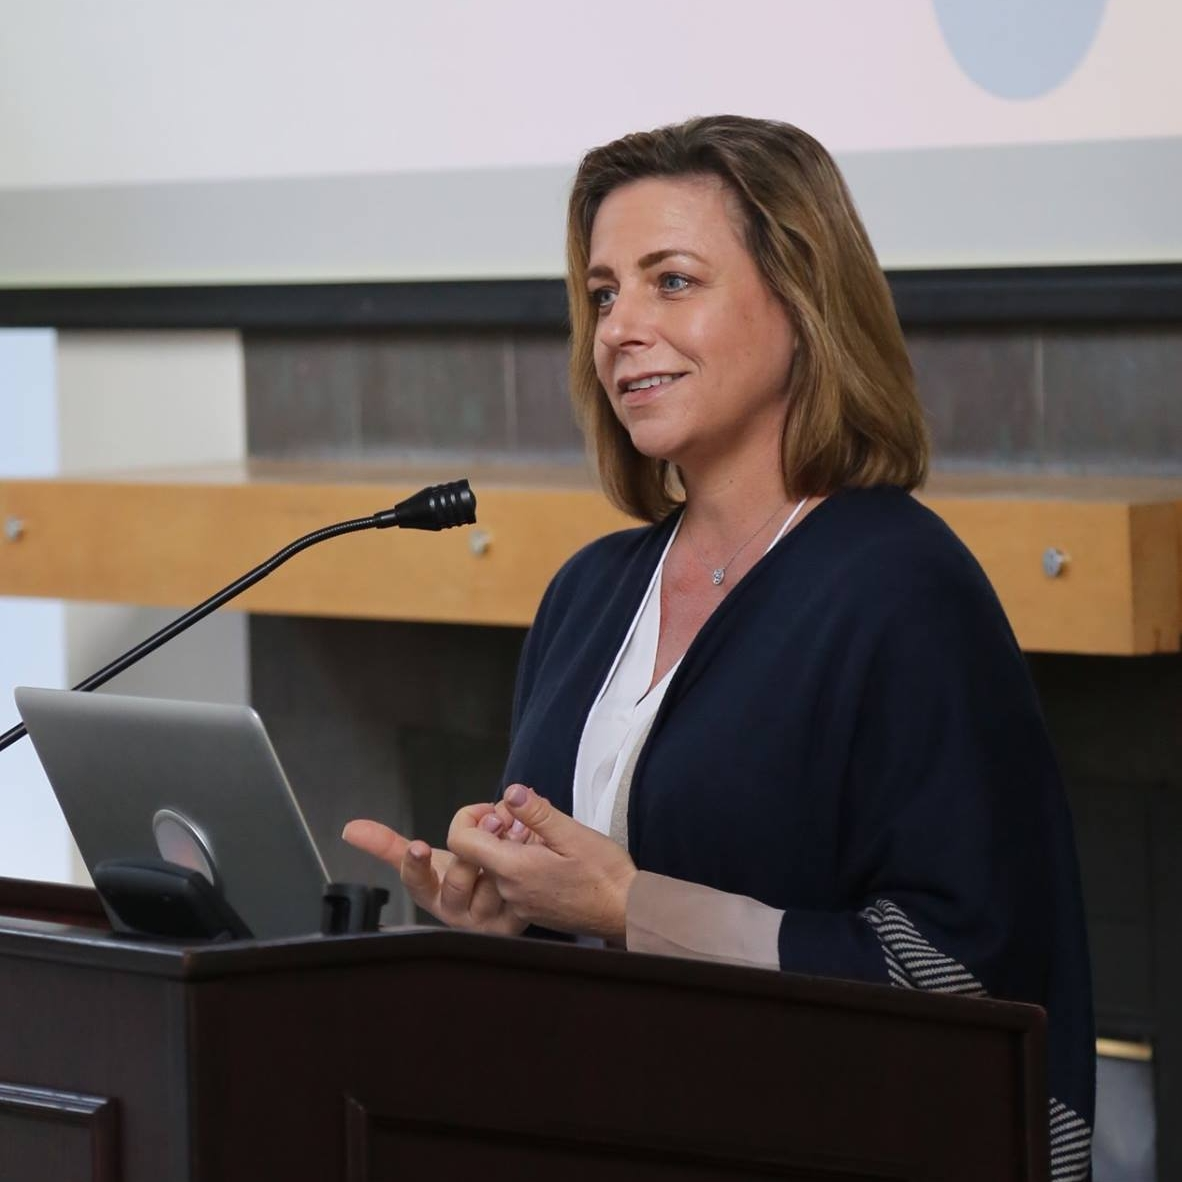 Dr. Jonna Mazet, Director of the UC Davis One Health Institute